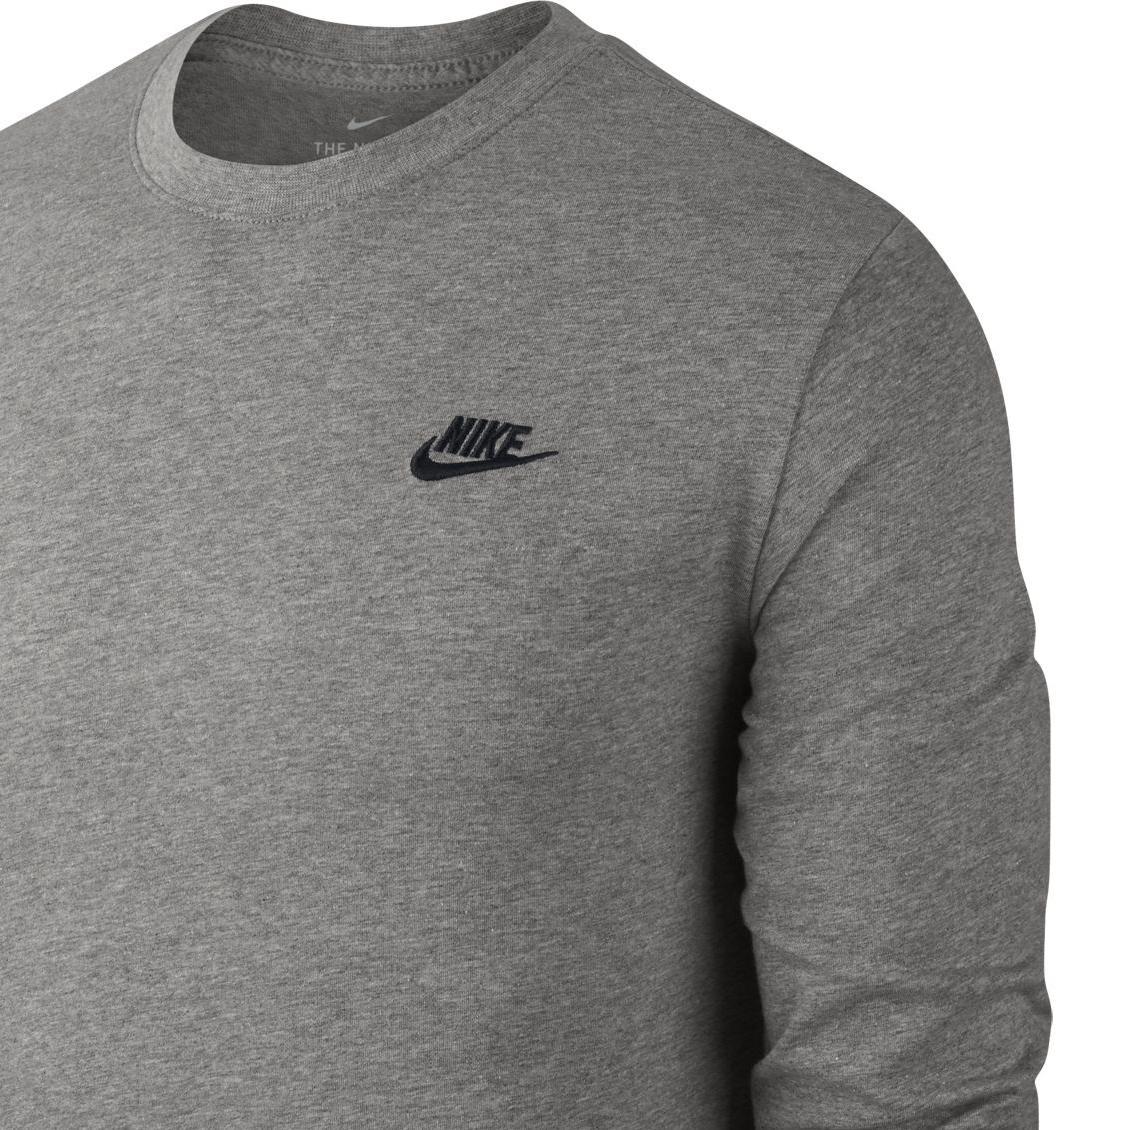 Nike Sportswear Club Longsleeve Tee